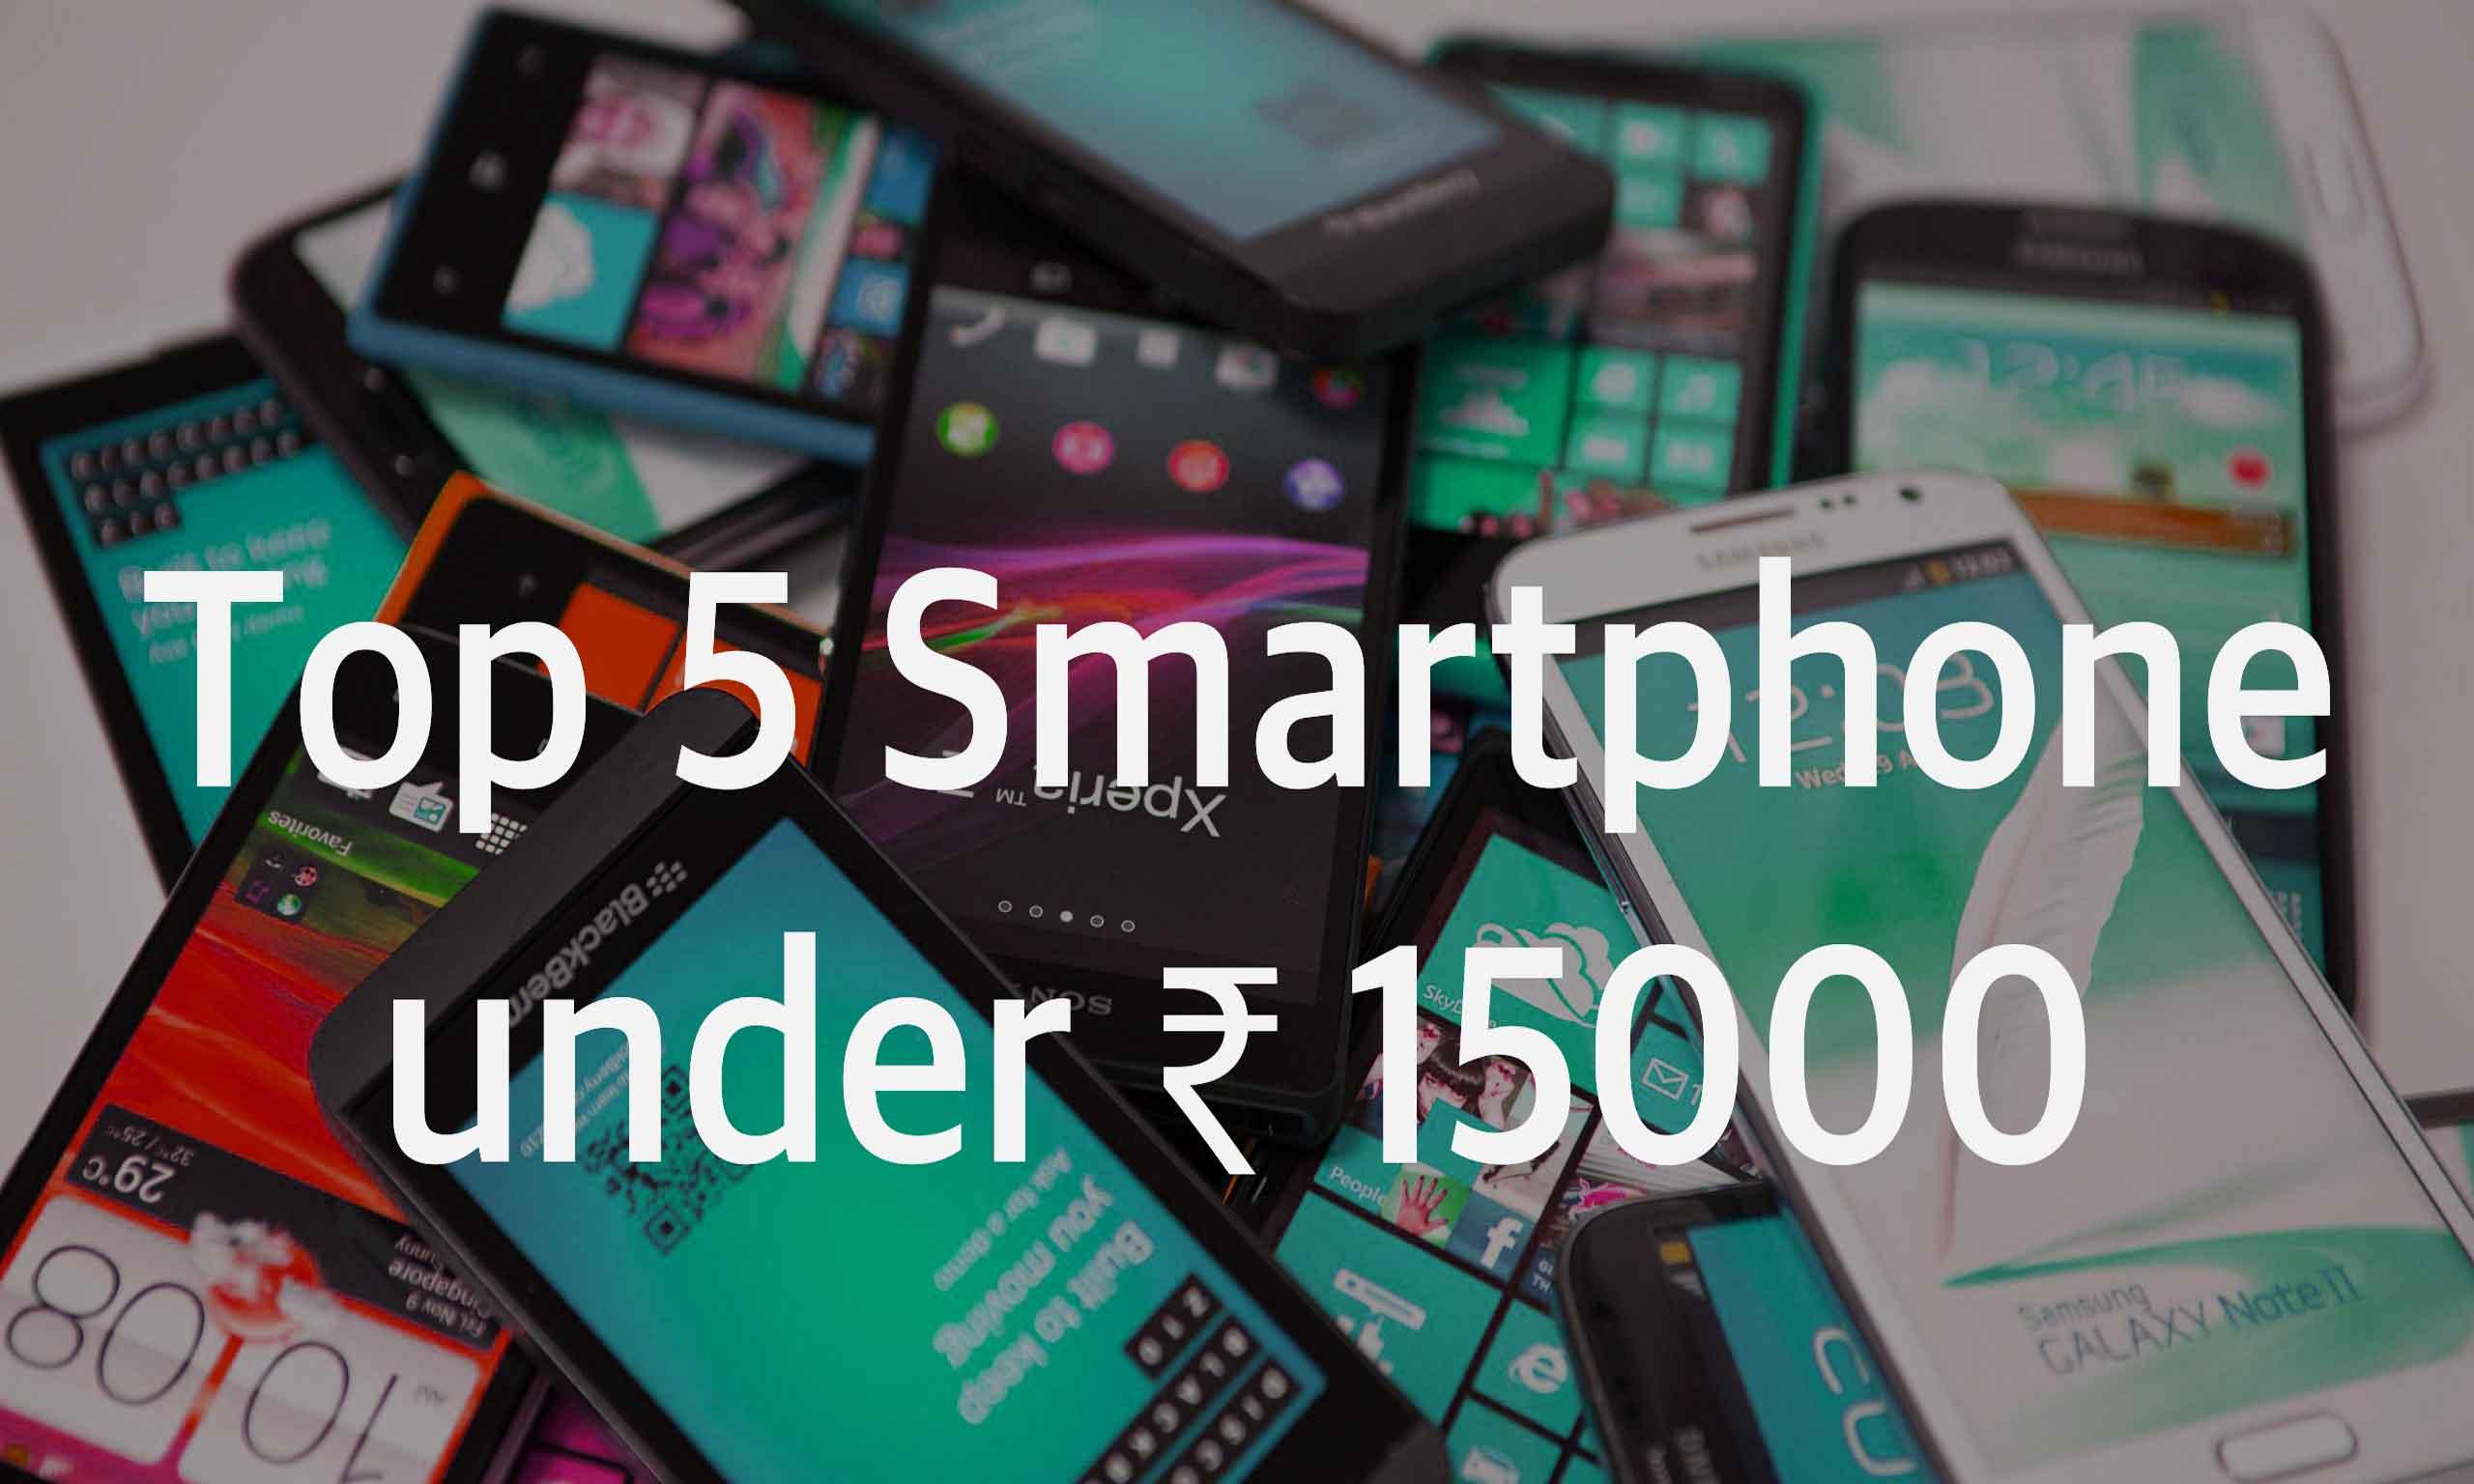 phones under 15k